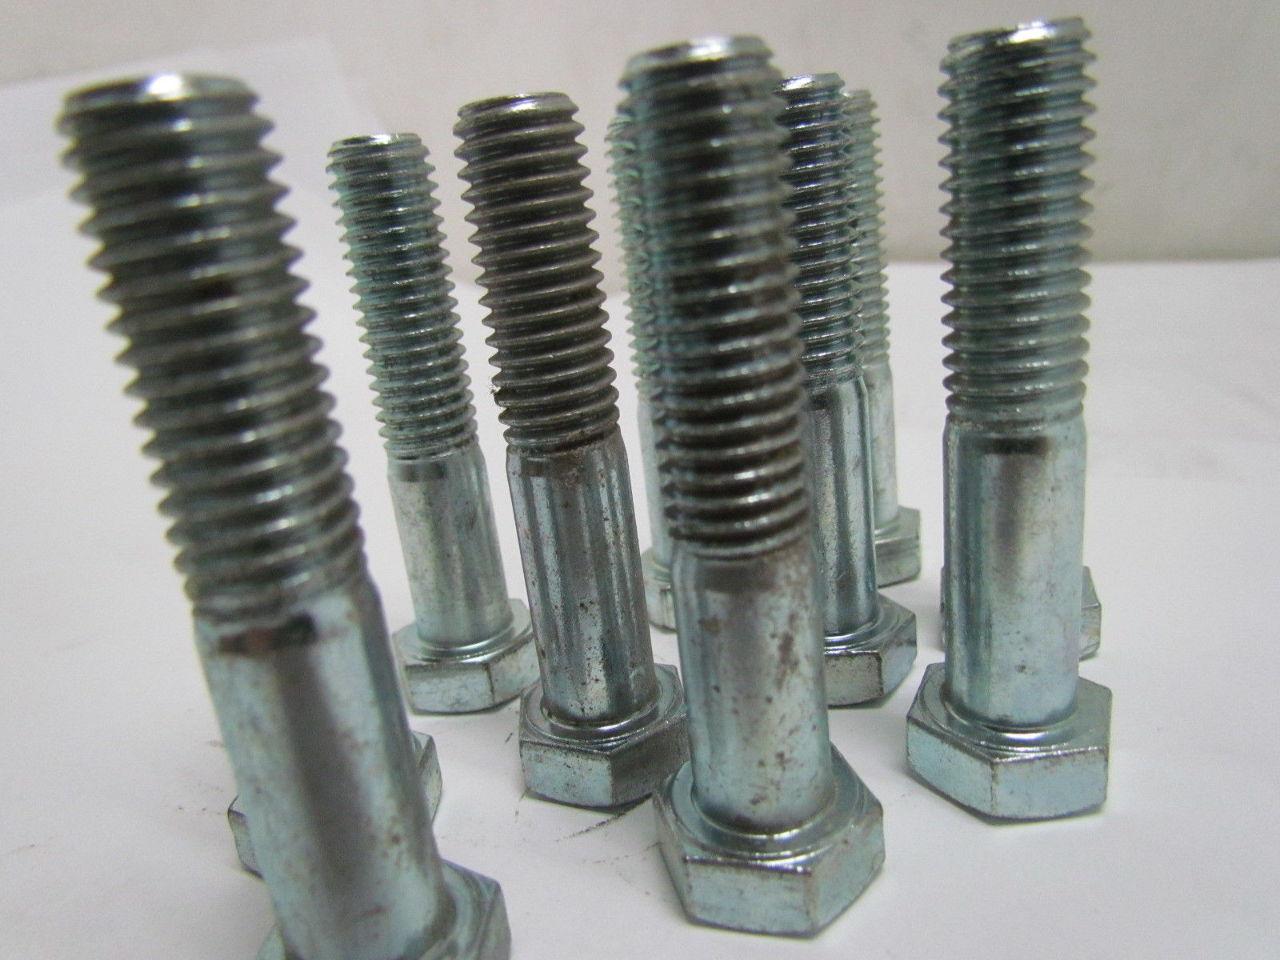 400//Bulk Pkg. PT 1//2 inch-13x2-1//4 inch Square Head Bolt HDG